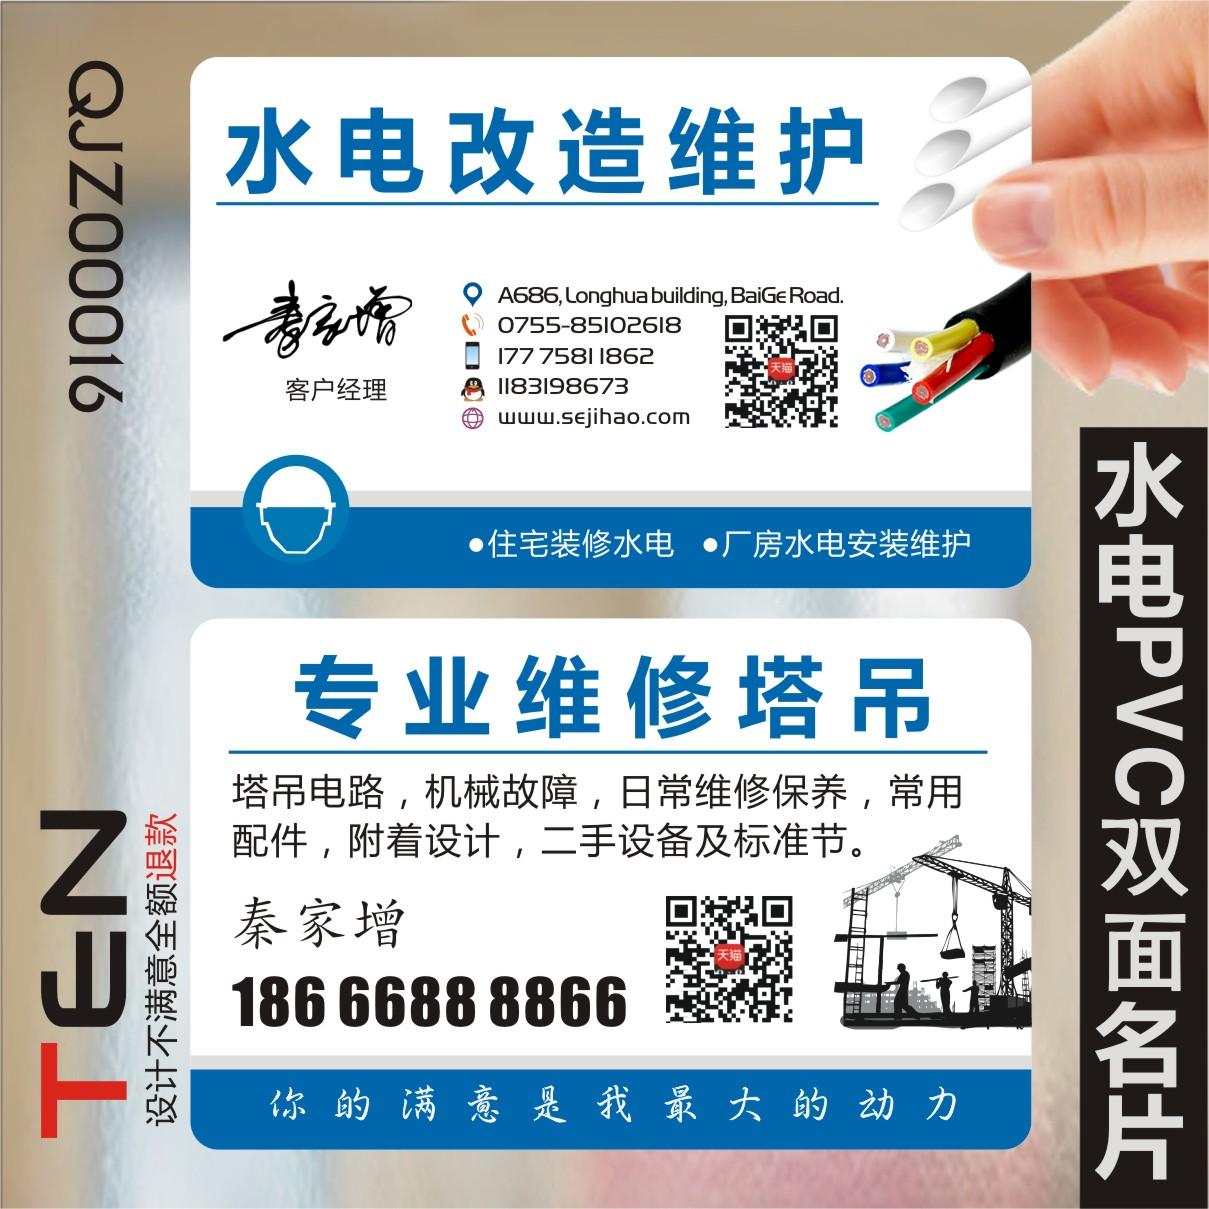 百货家电煤气配送家电维修便民服务跑腿名片QJZ00016,可领取3元天猫优惠券